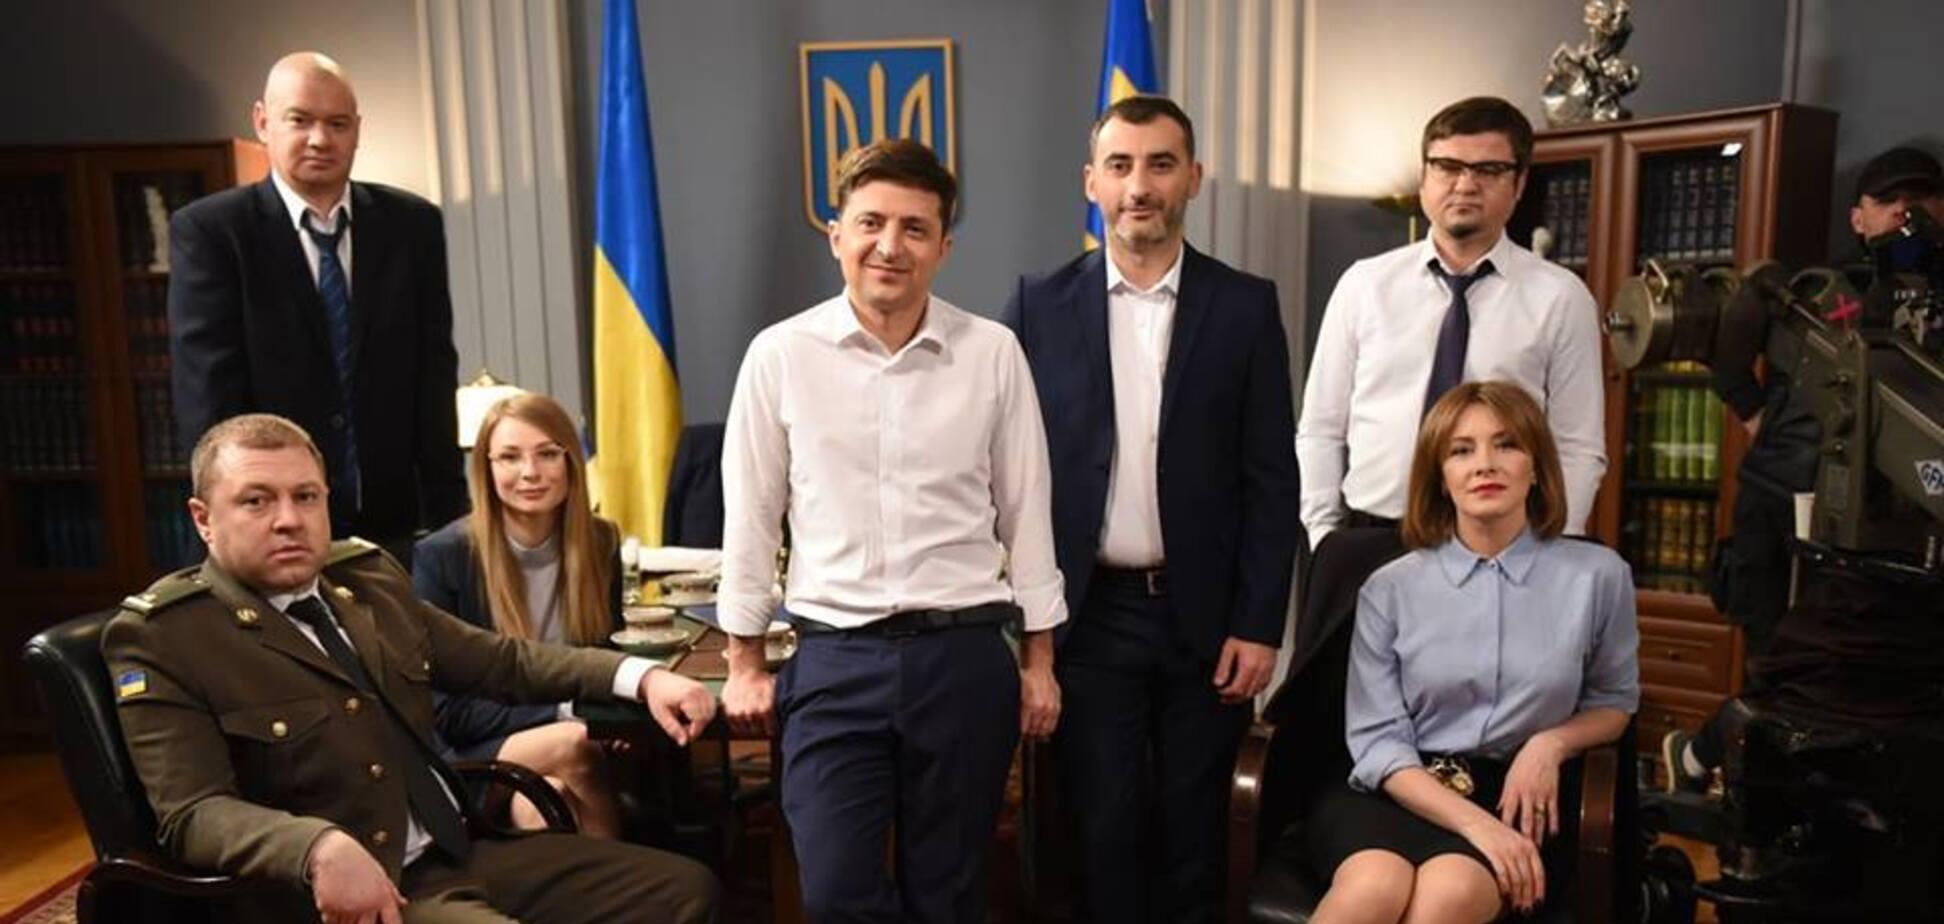 'Яндекс' купил права на сериал 'Слуга народа' в России: появился ответ 'Квартала'